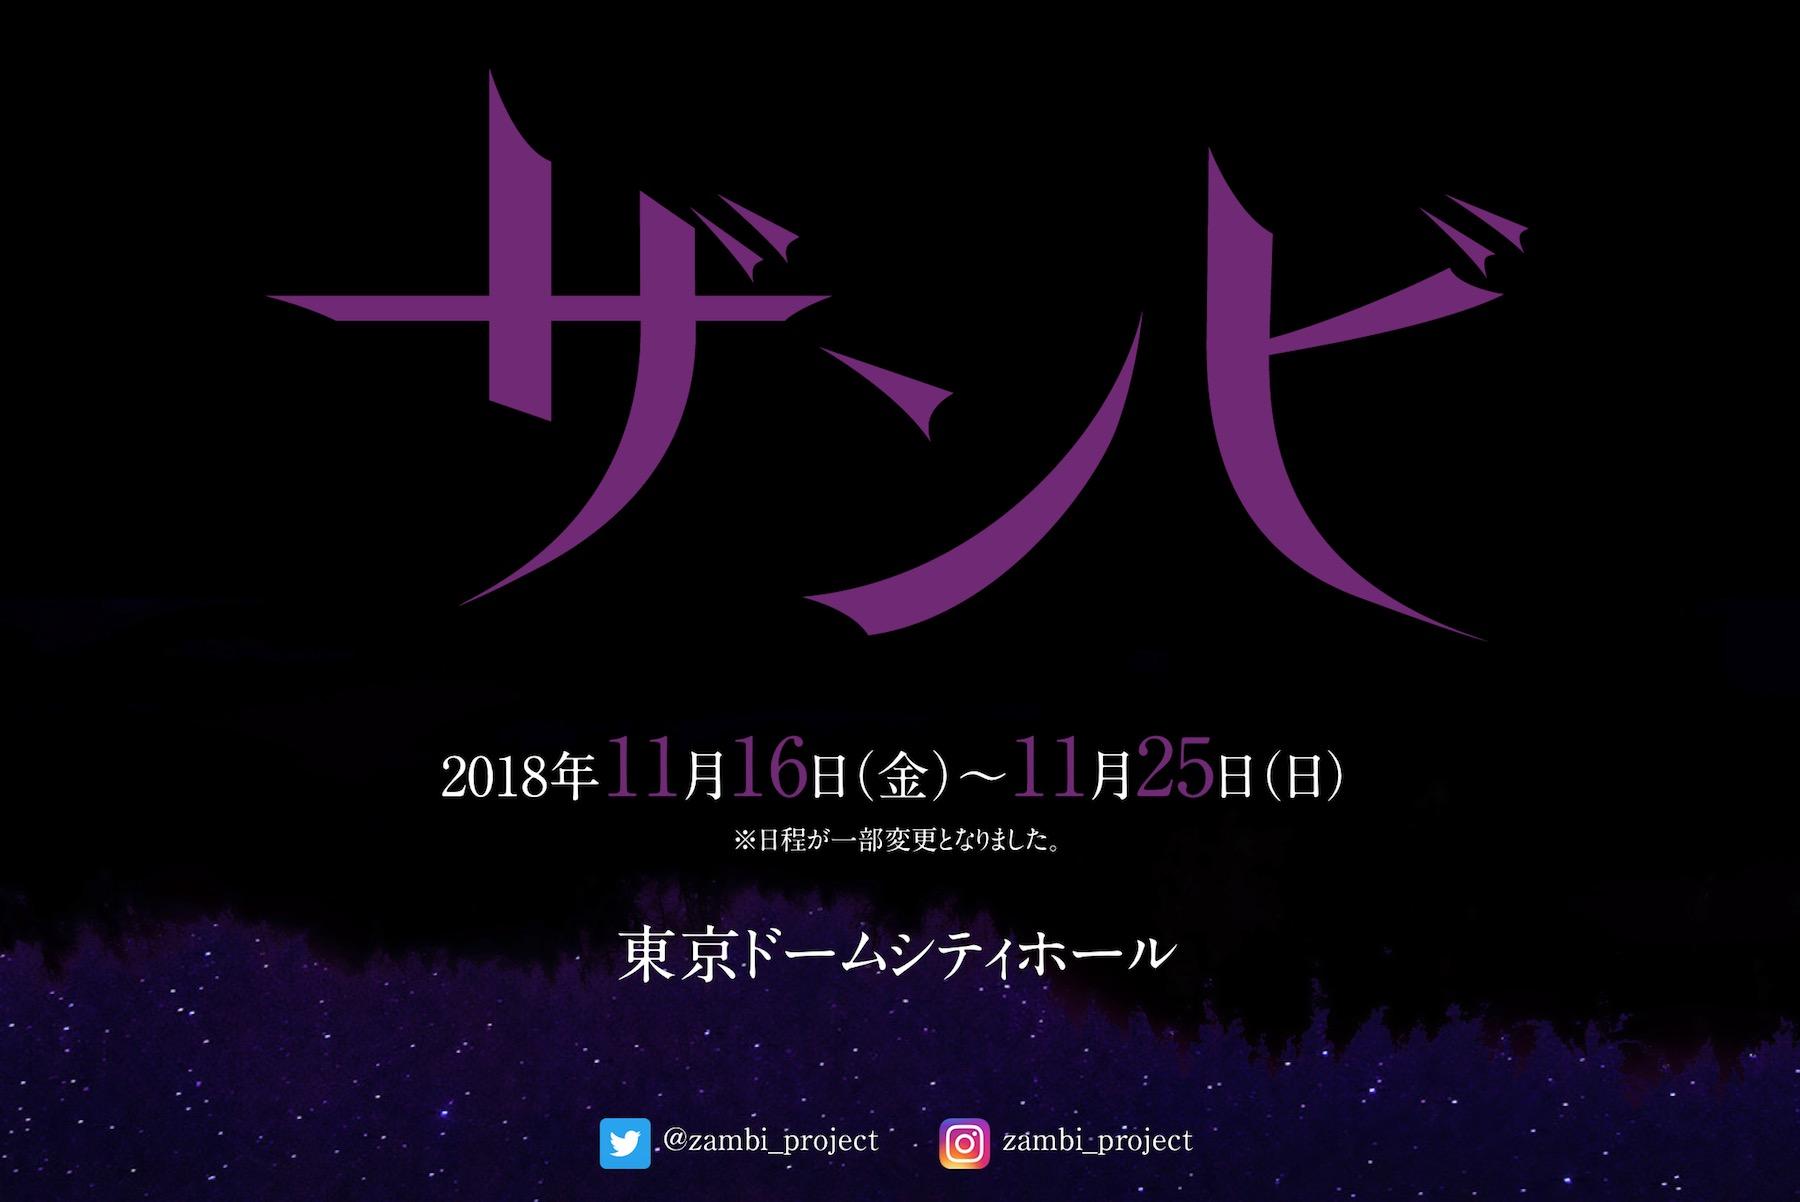 舞台「ザンビ」(仮)公式サイト(乃木坂46新プロジェクト「ザンビプロジェクト」第1弾)